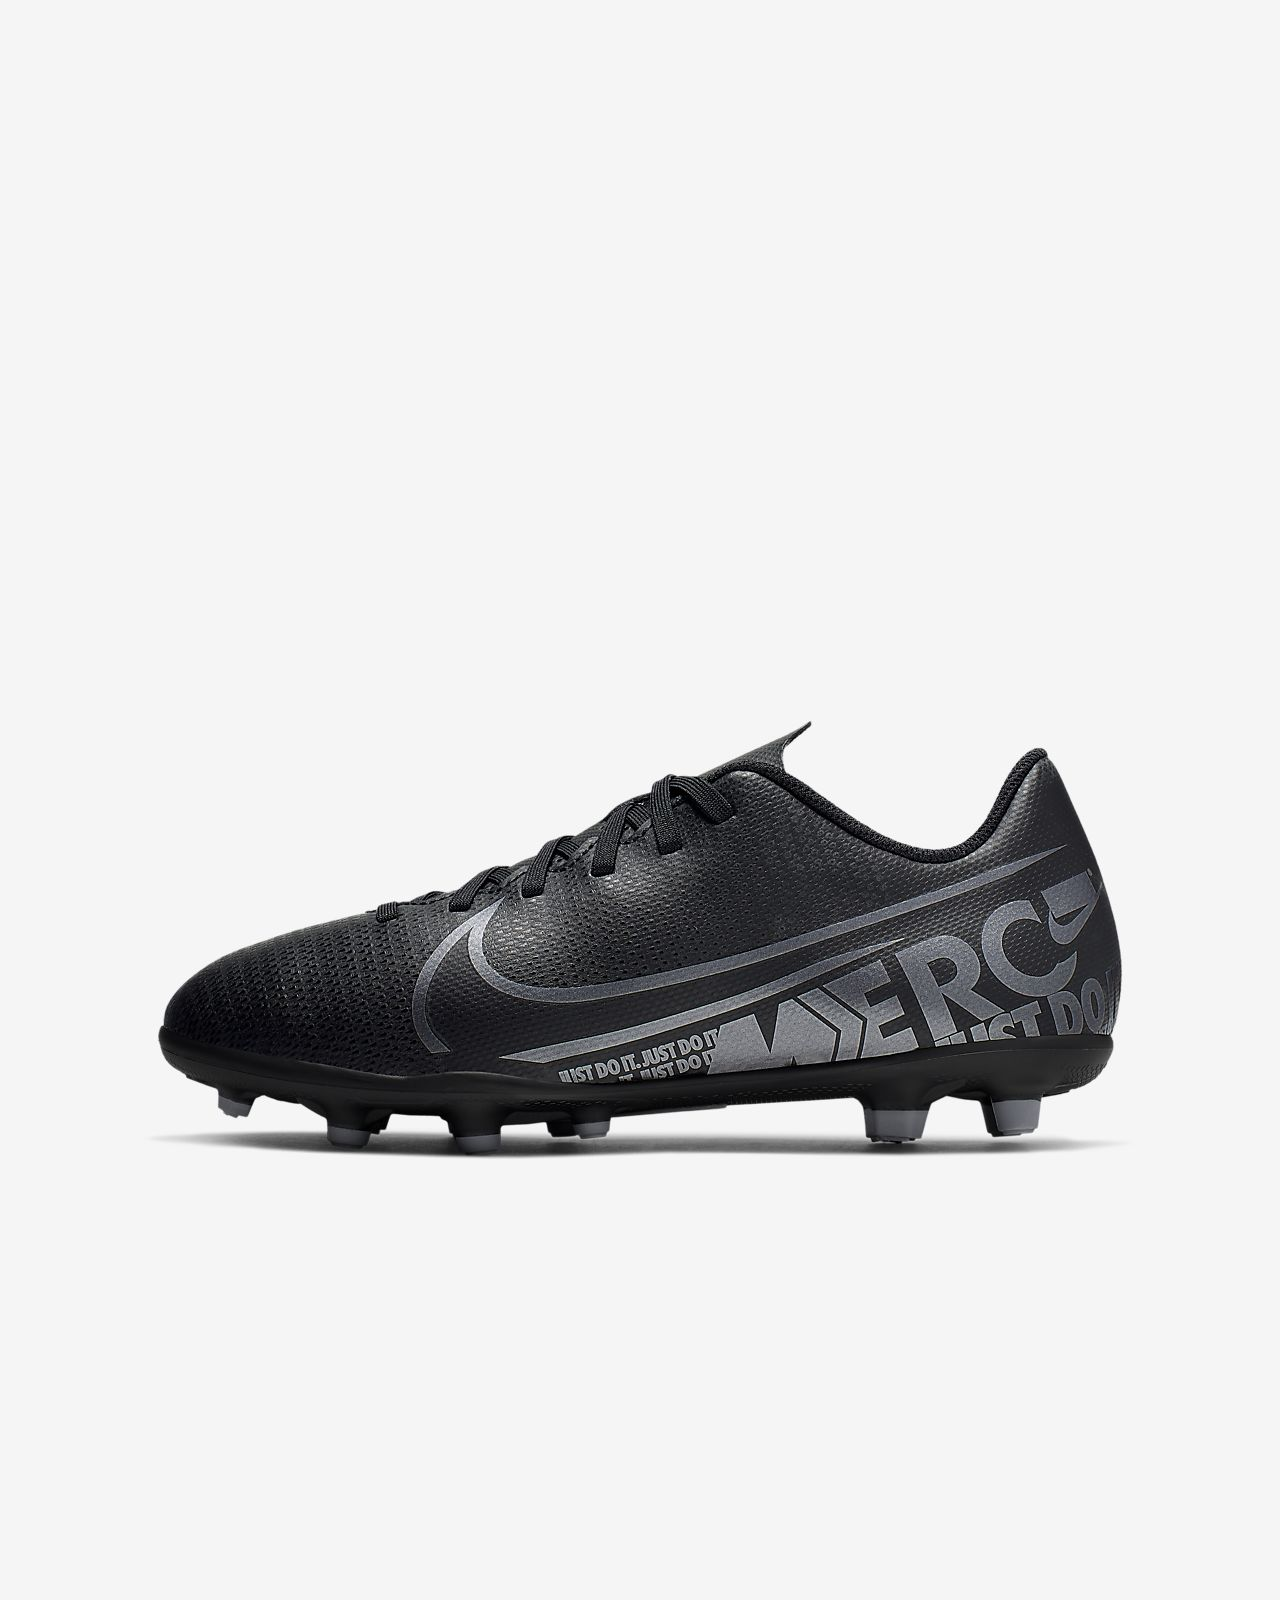 Fotbollssko för varierat underlag Nike Jr. Mercurial Vapor 13 Club MG för barn/ungdom